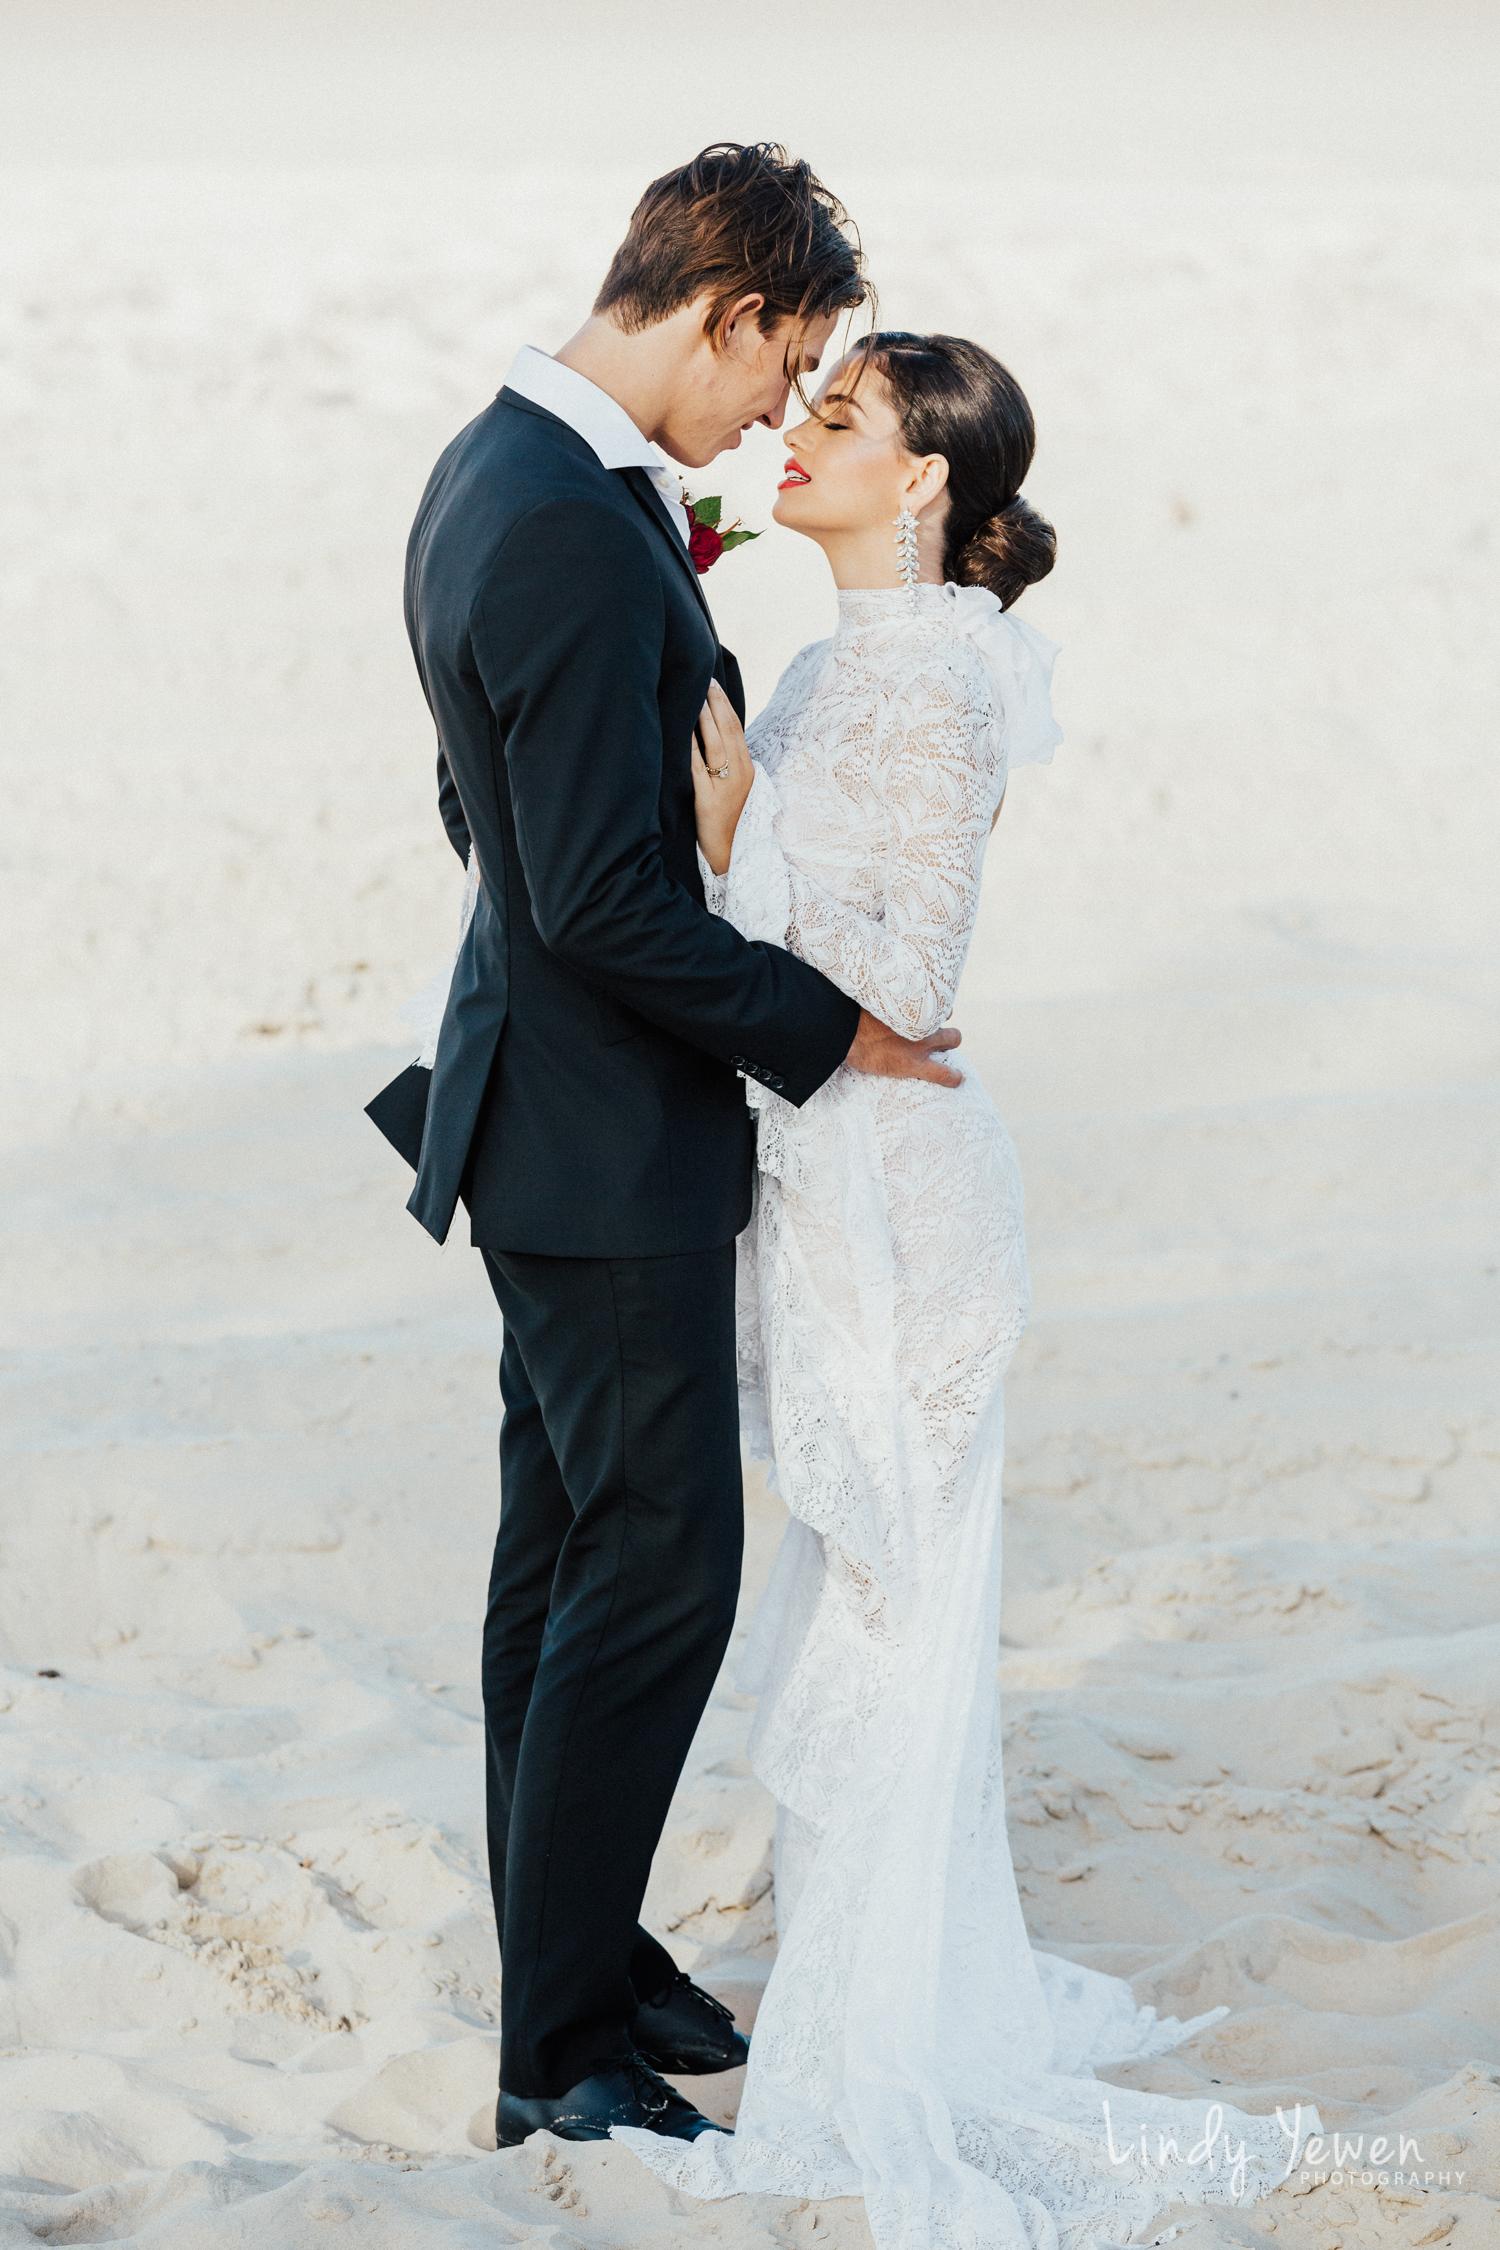 Lindy-Yewen-Photography-Spanish-Wedding 115.jpg